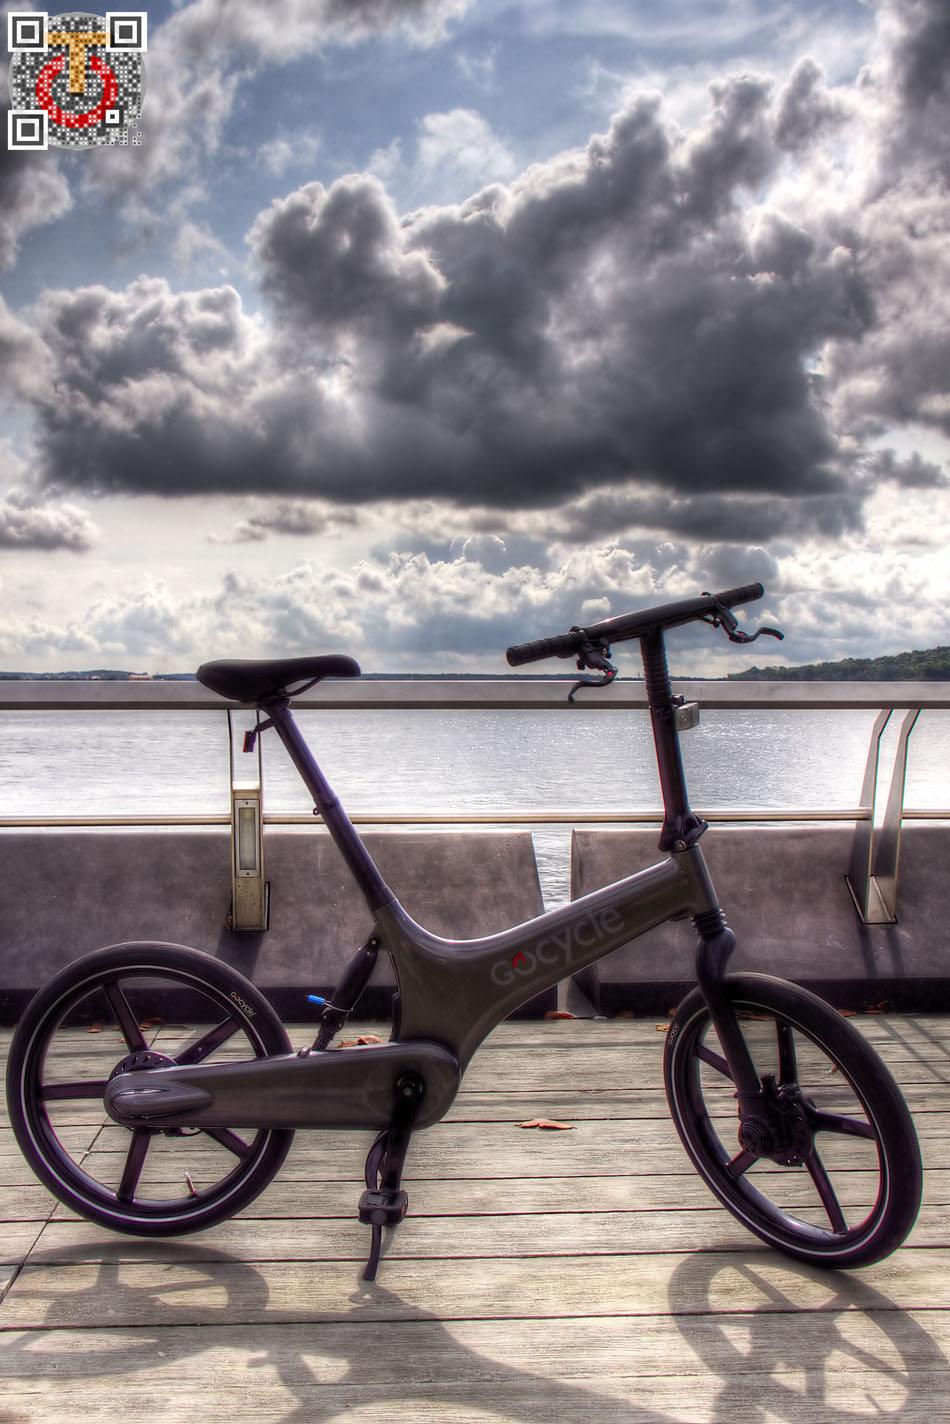 gocycle-sg-IMG_5061_2_3m